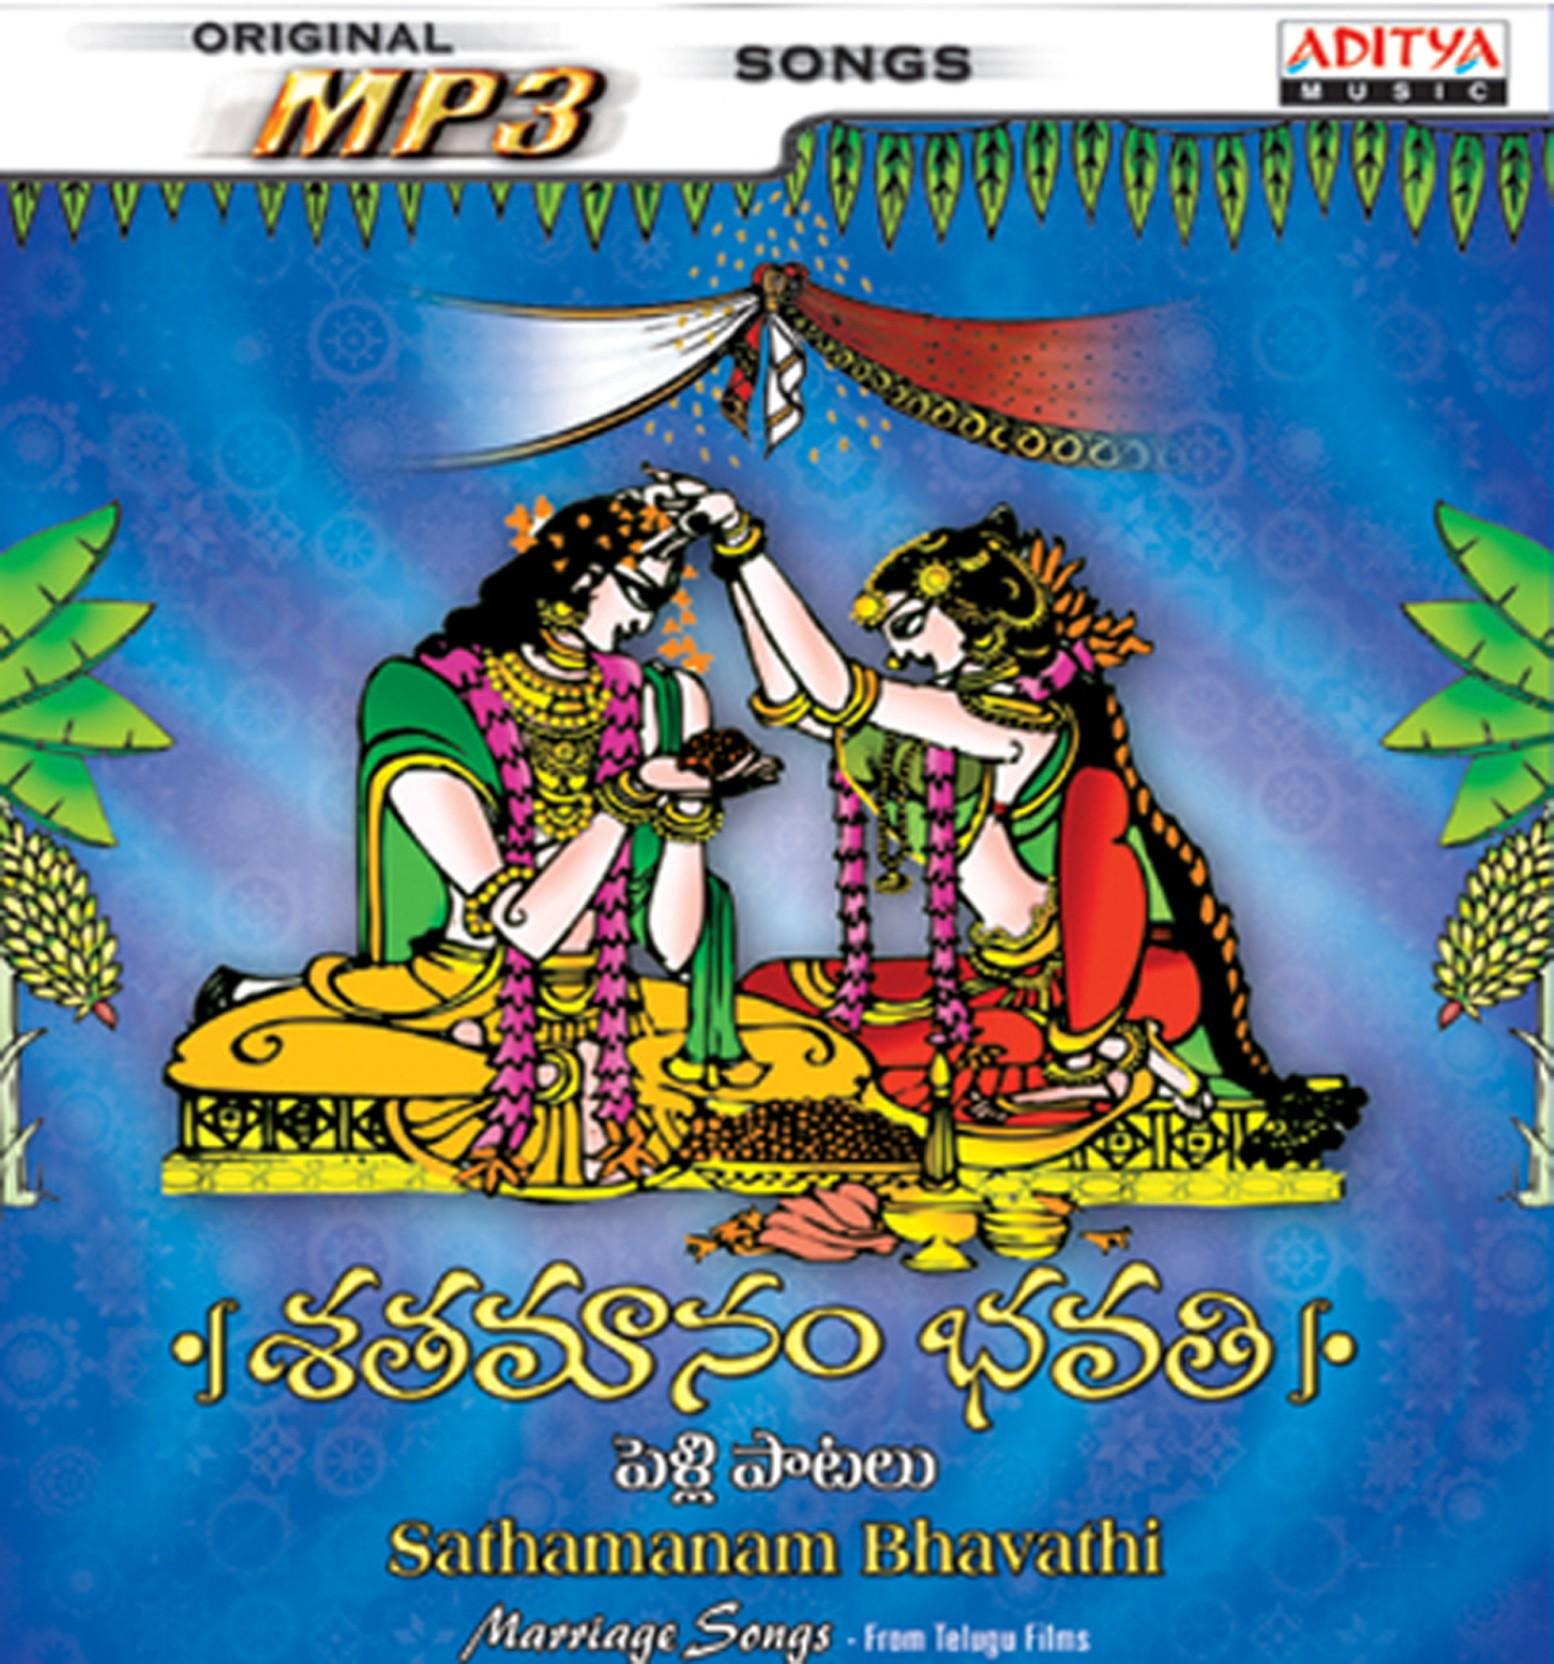 Sathamanam Bhavathi (Marriage Songs From Telugu) Music MP3